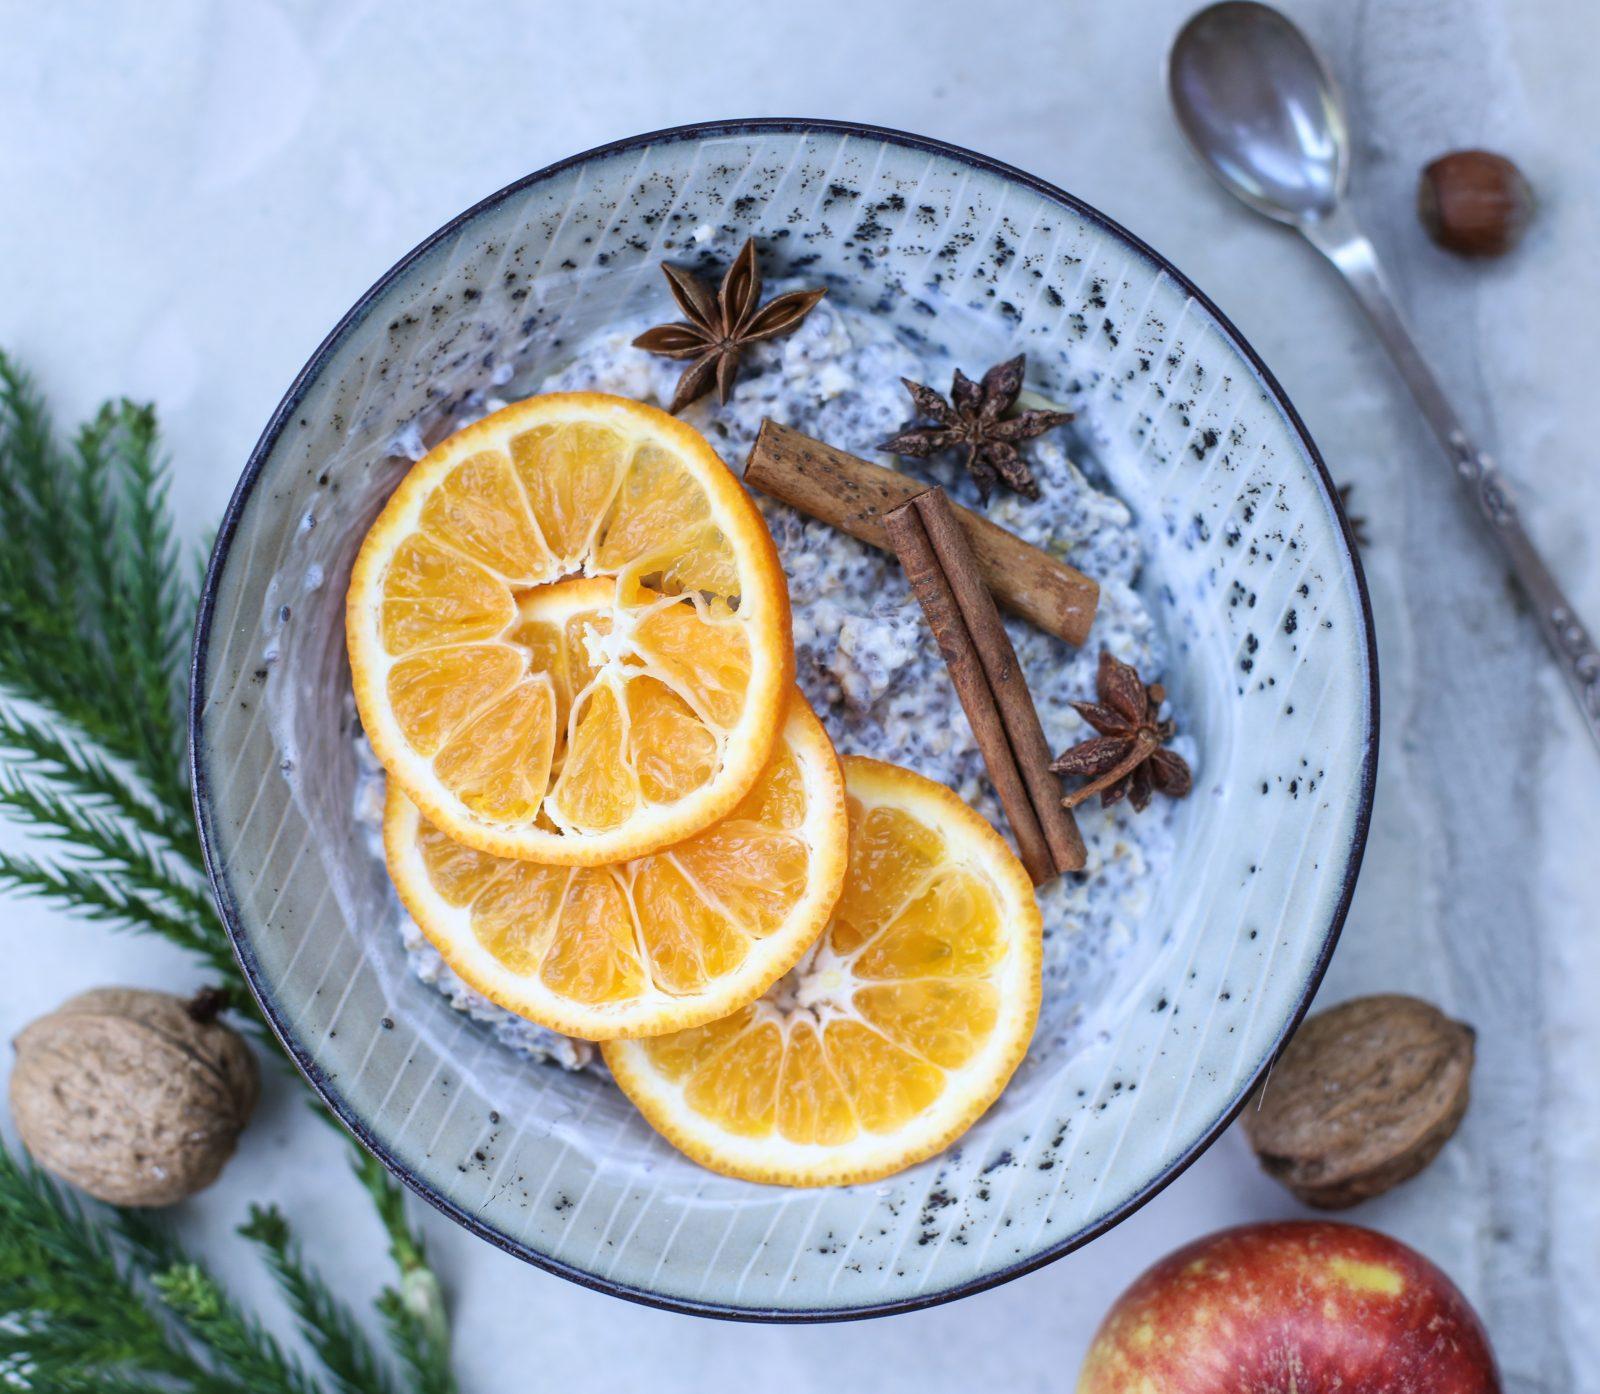 Spis magen flat frokostgrøt